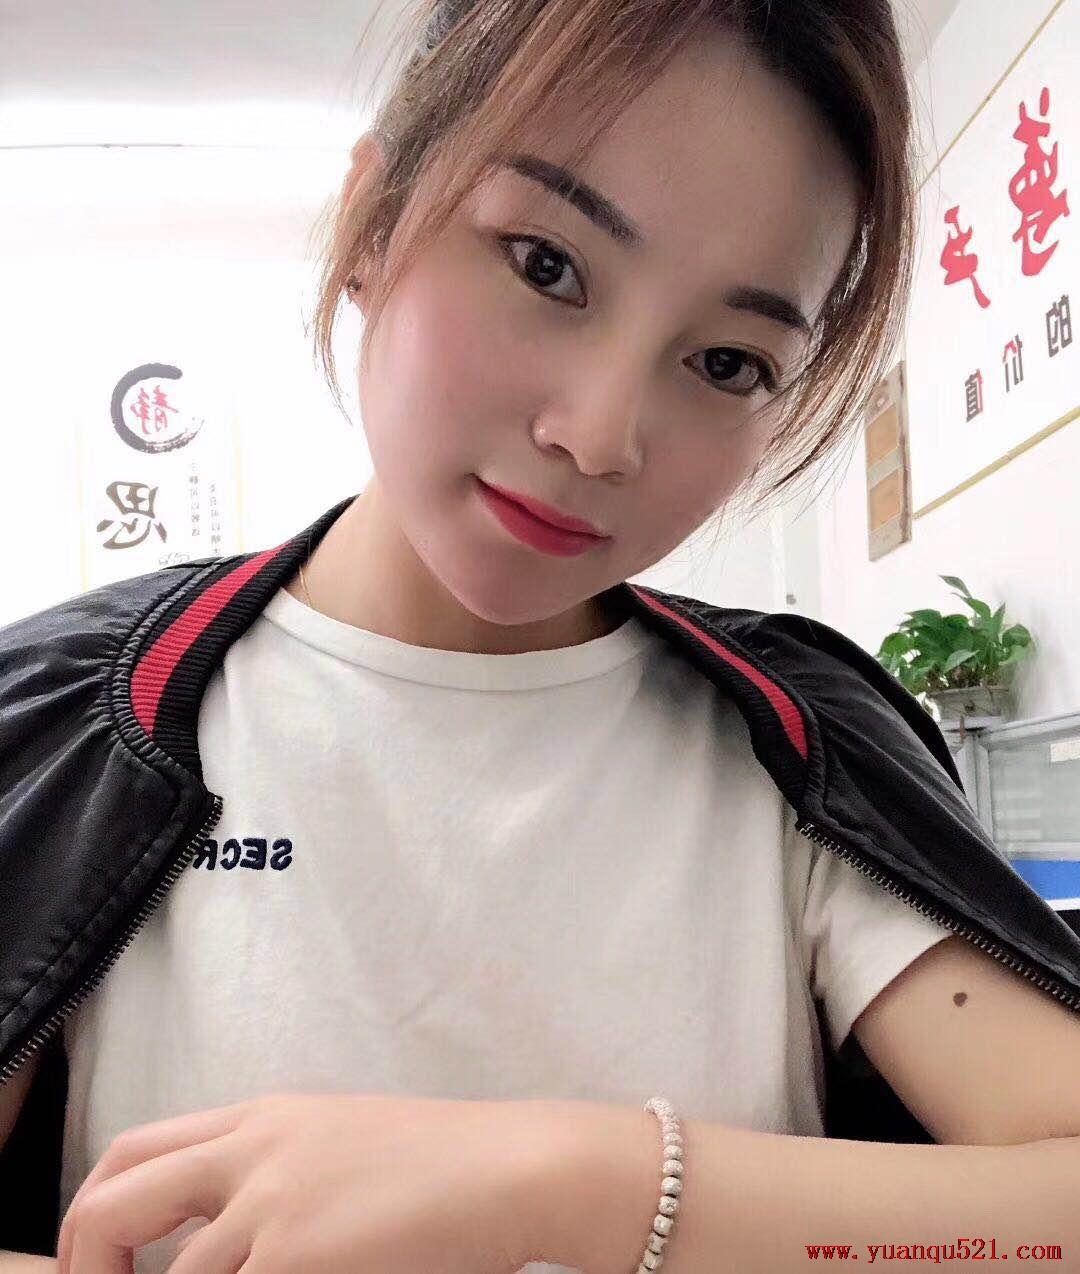 重庆美女程小婕